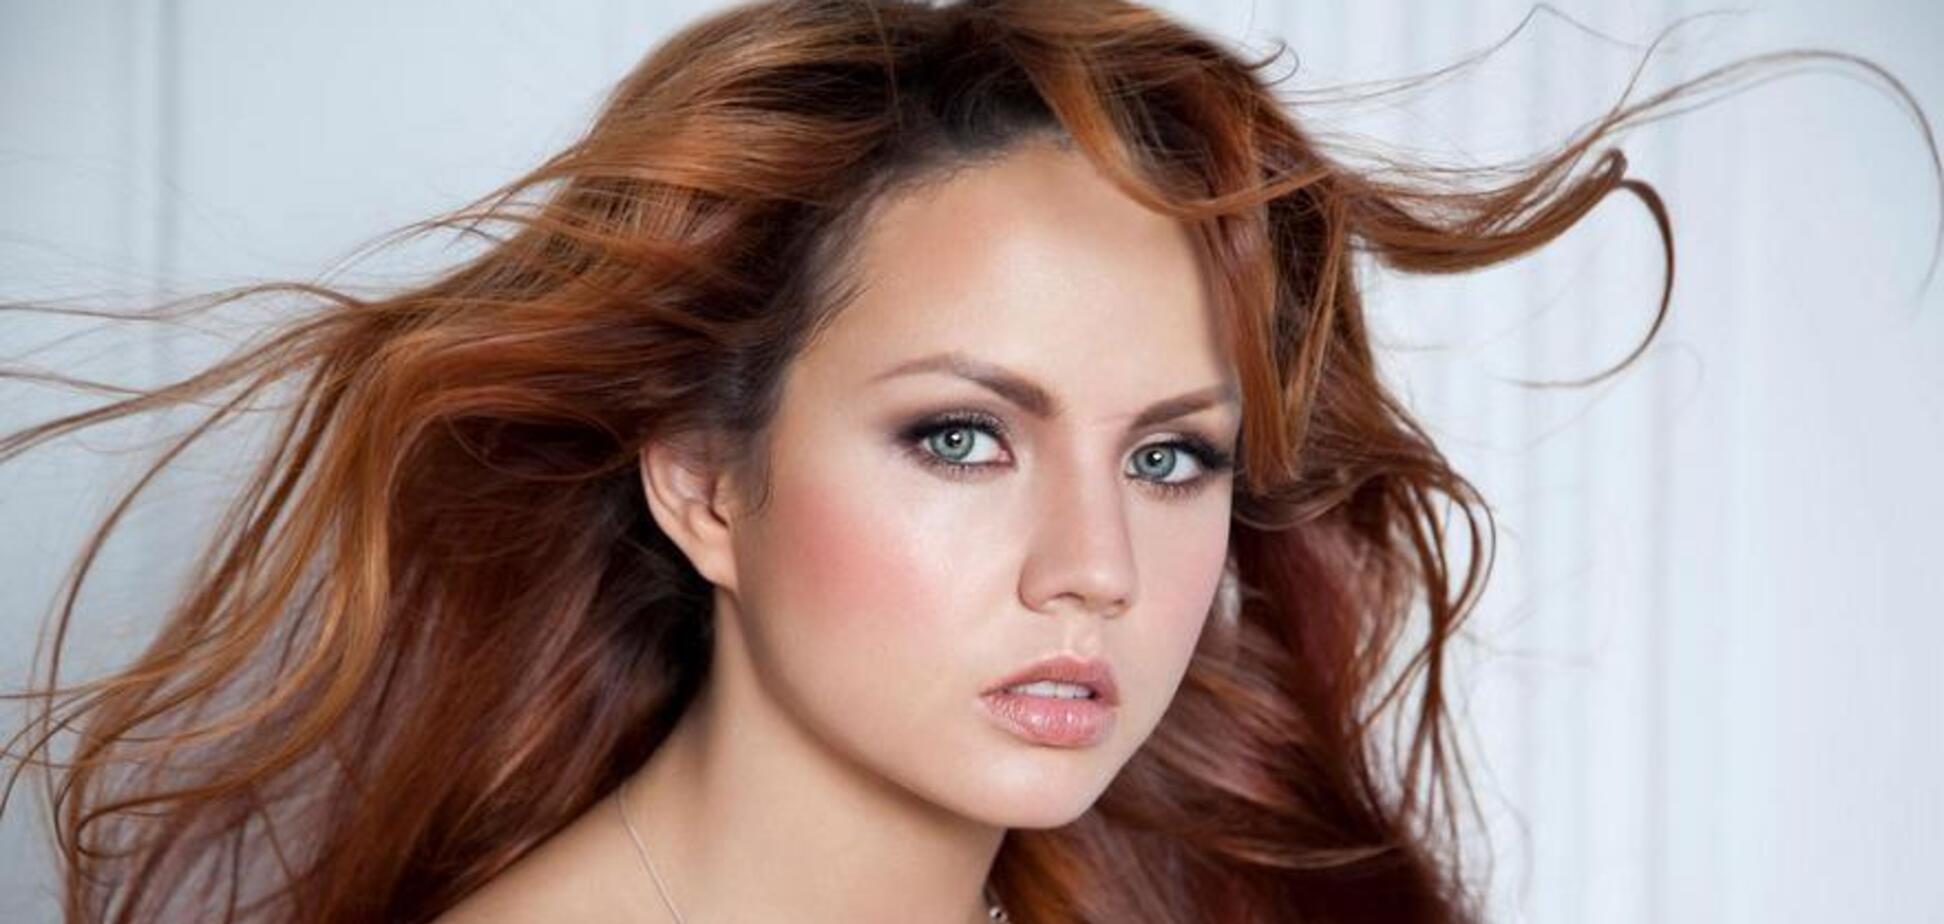 Популярна російська співачка потрапила в моторошну ДТП: перші фото